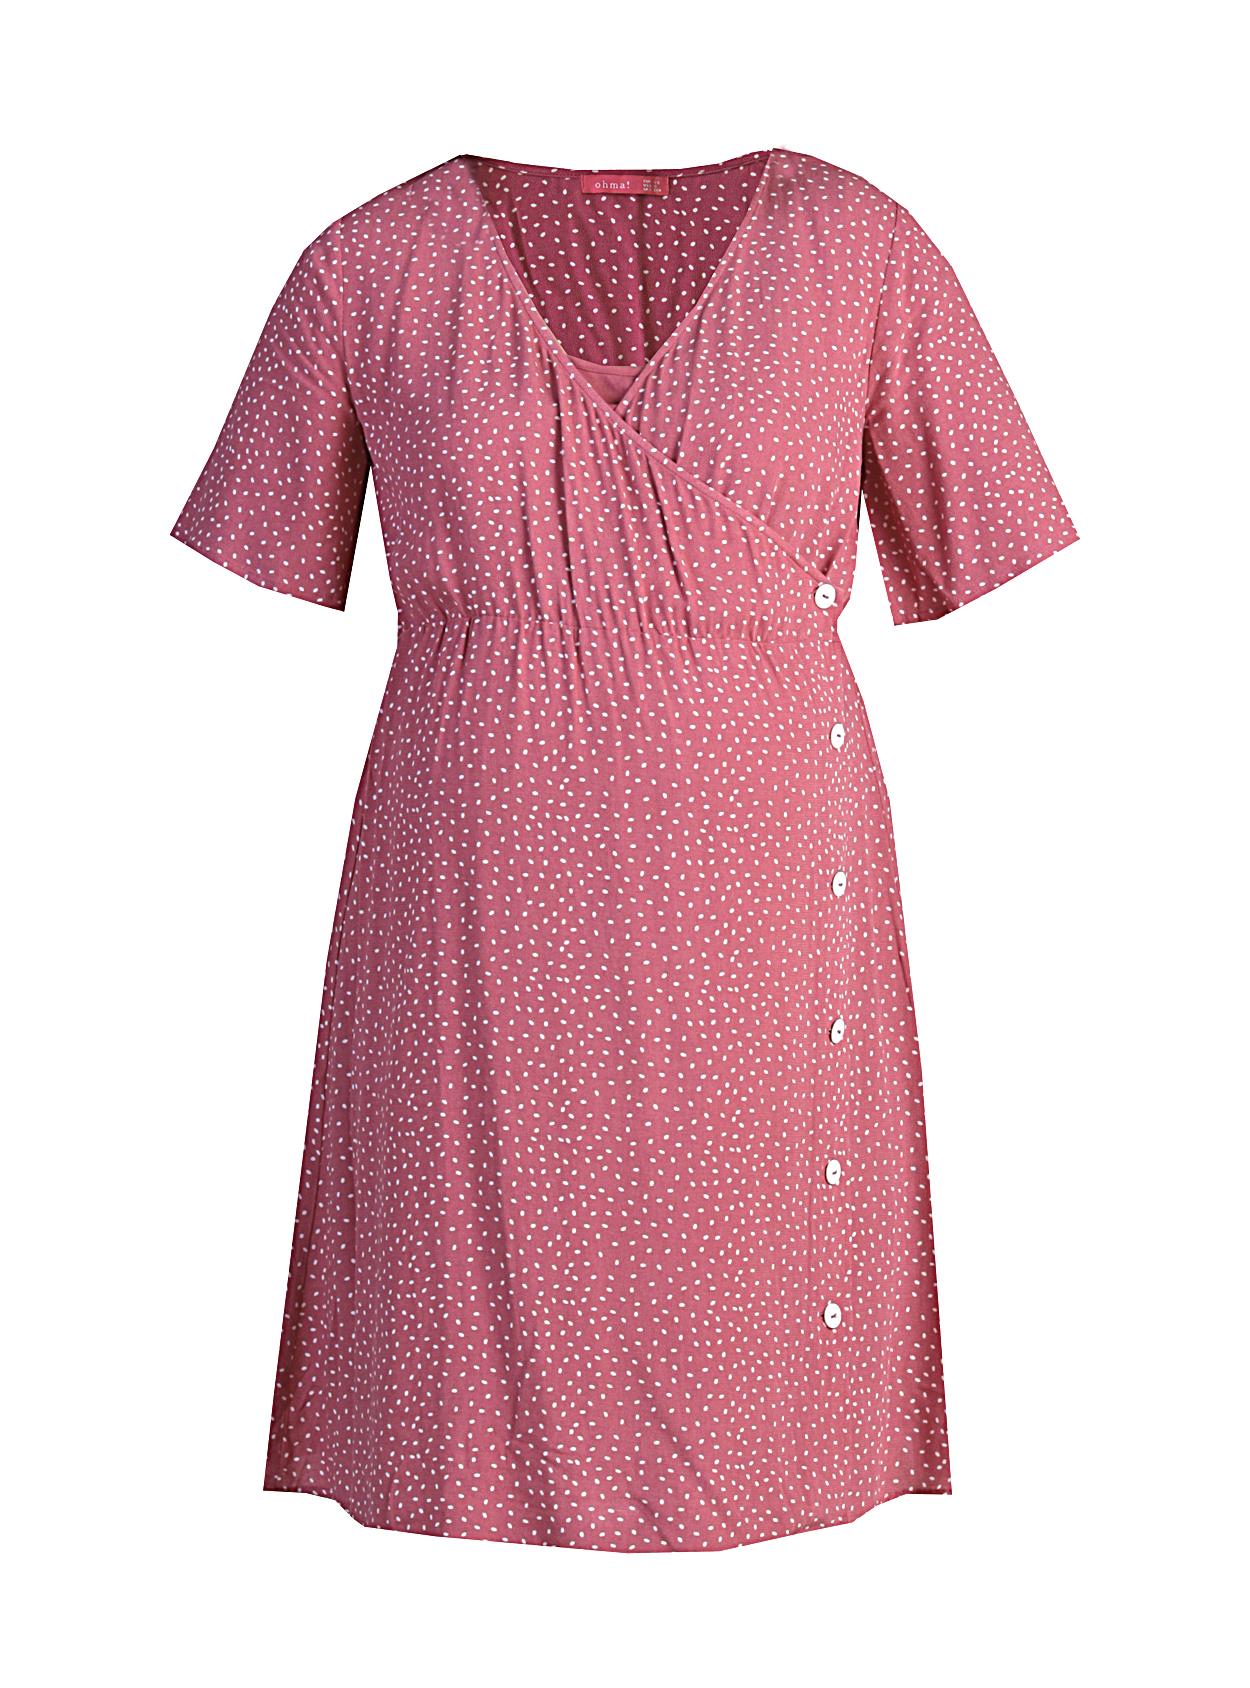 Vestido lactancia cruzado con botones rosa